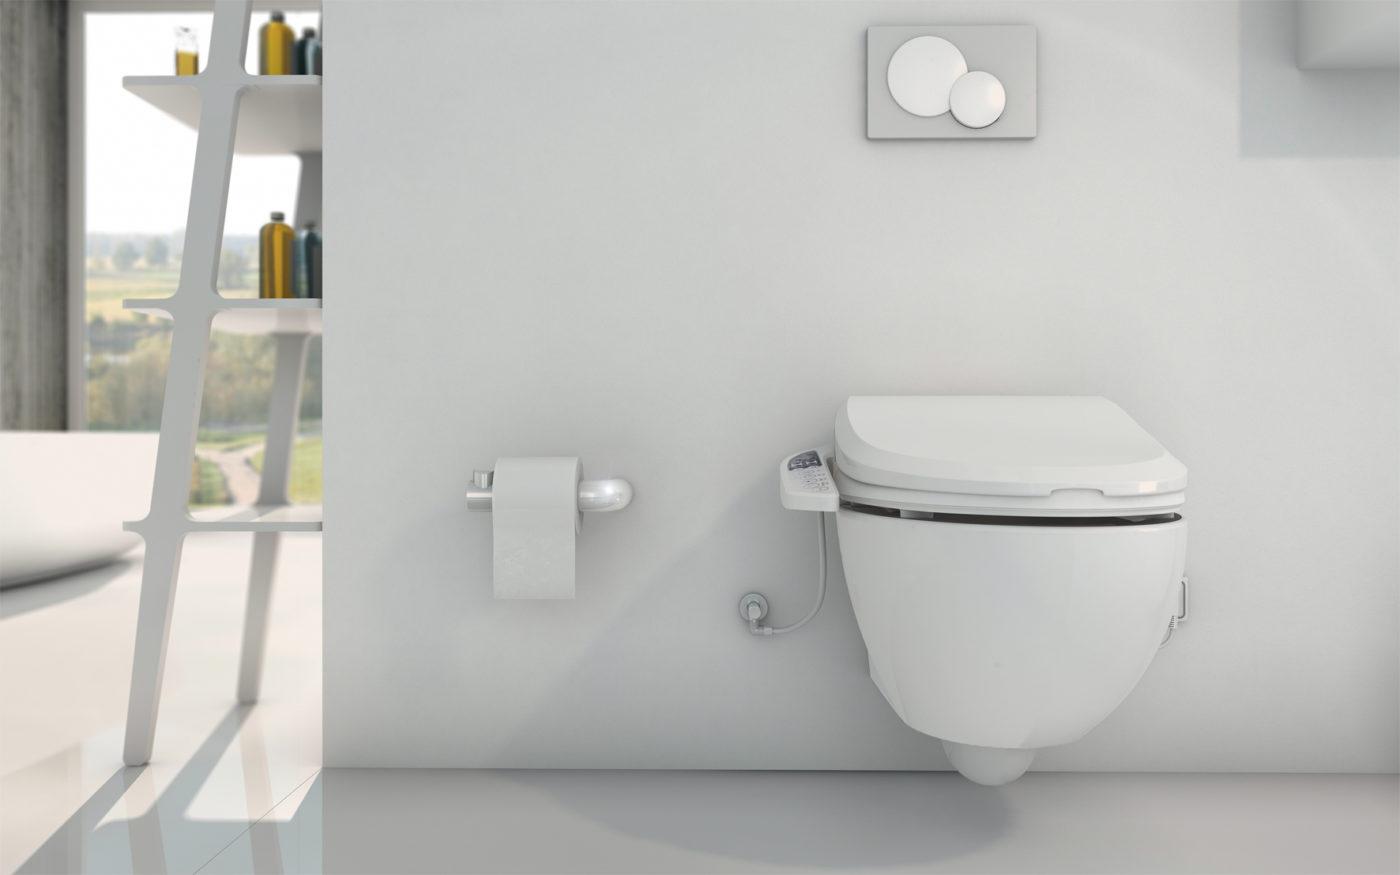 wc con sedile elettronico Uspa